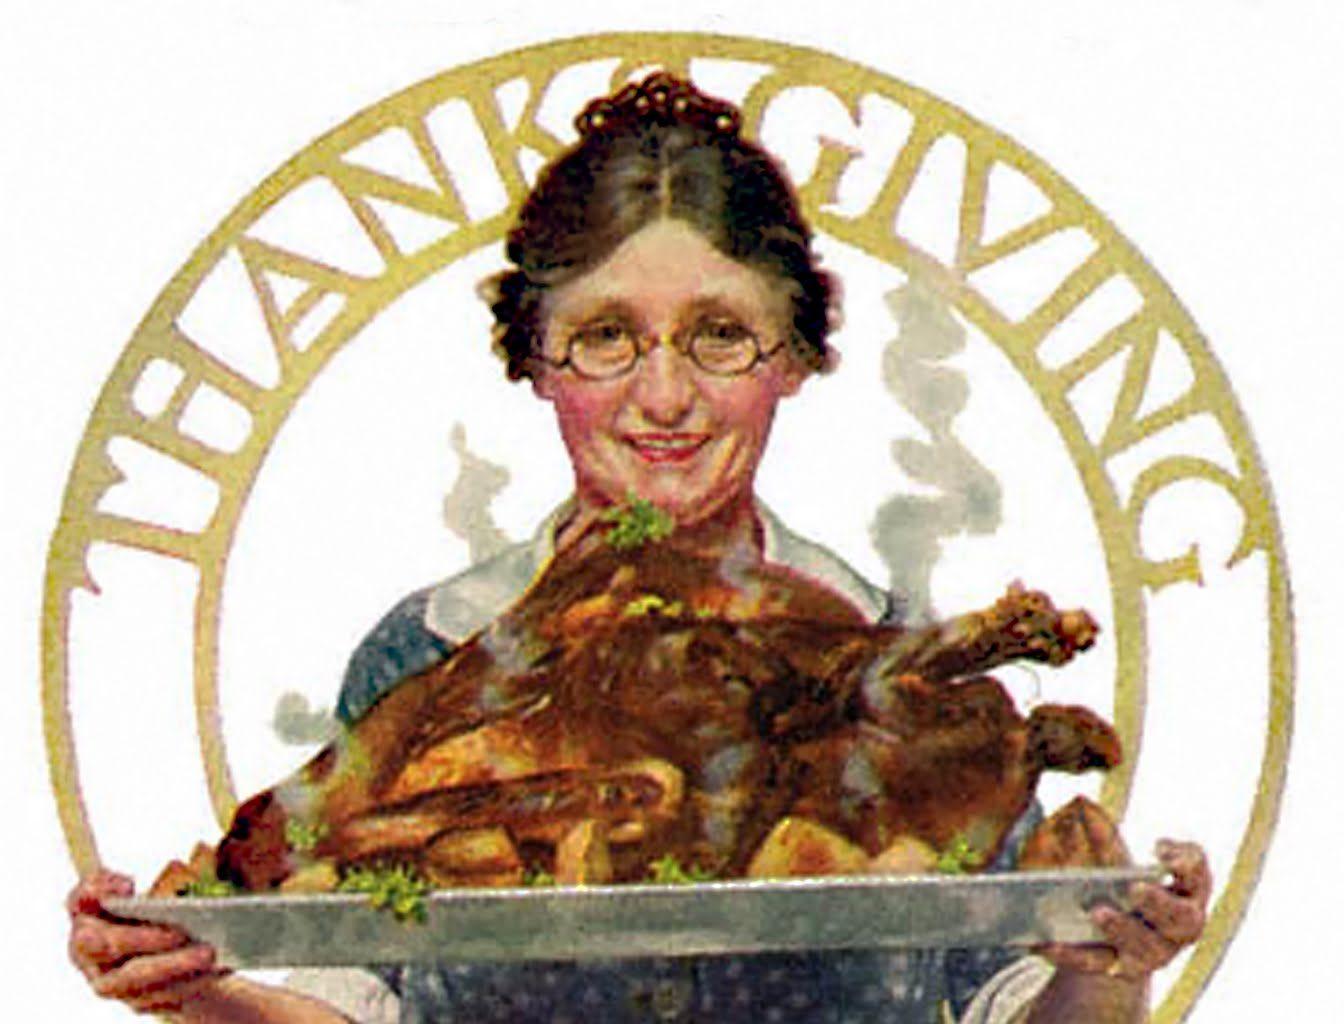 Talking Turkey: Thanksgiving Recipe Roundup